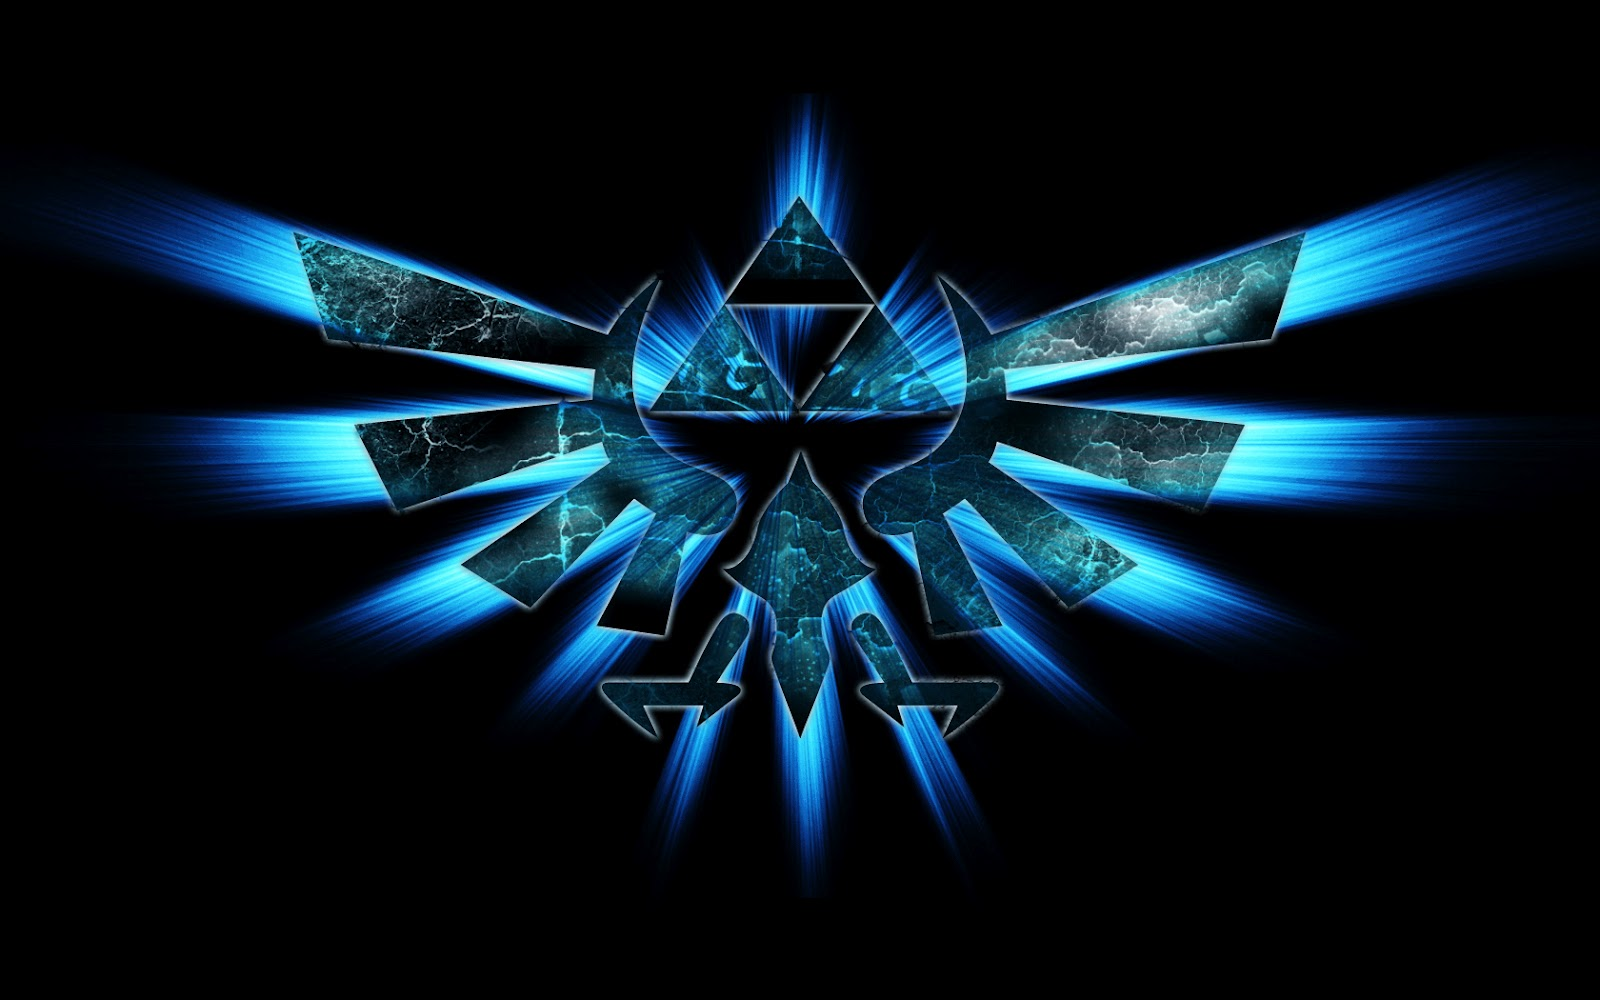 http://4.bp.blogspot.com/-2N_EGqTjRzg/T9UTG3t4b_I/AAAAAAAAA7M/iR4U7mYEP0g/s1600/Triforce-Wallpaper-the-legend-of-zelda-2832807-1680-1050.jpg